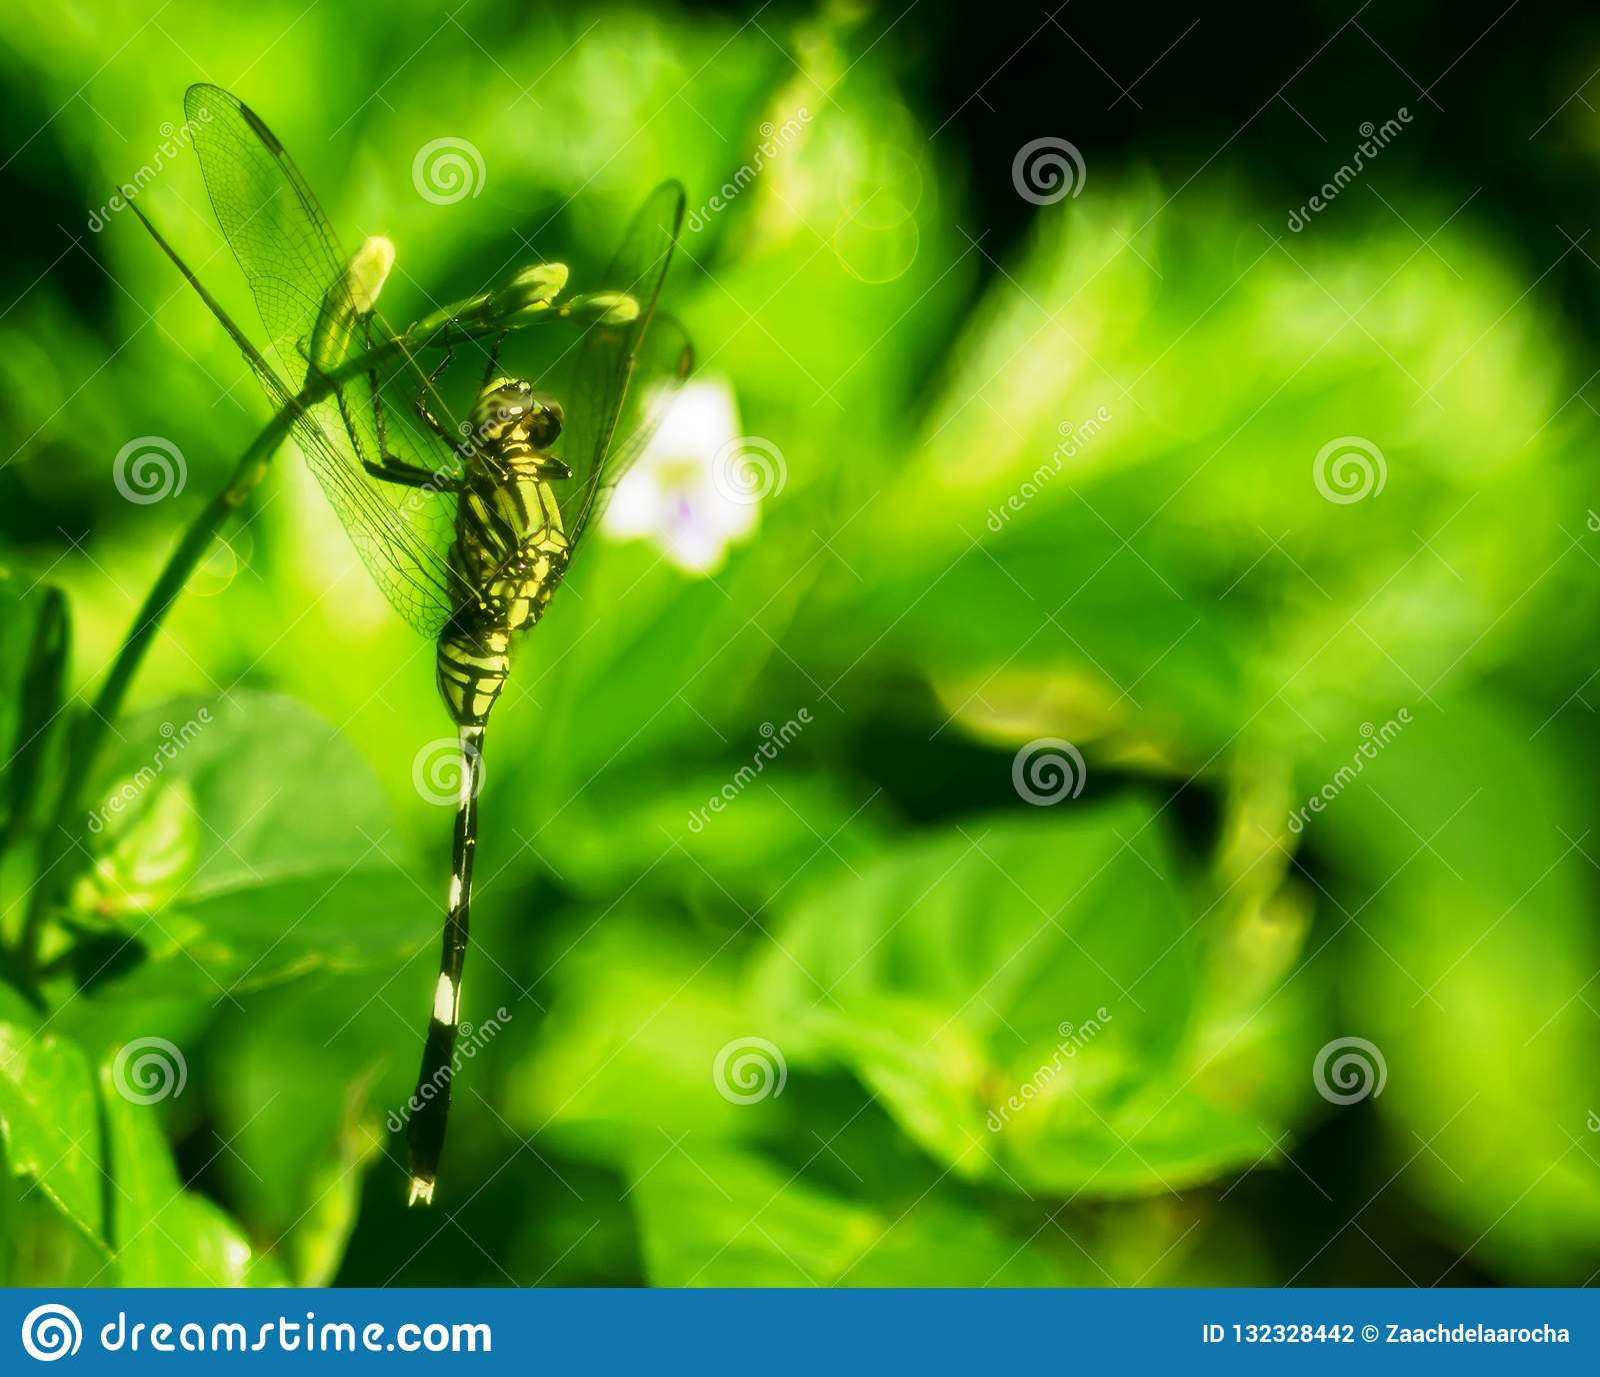 Kamouflage av en grön slända